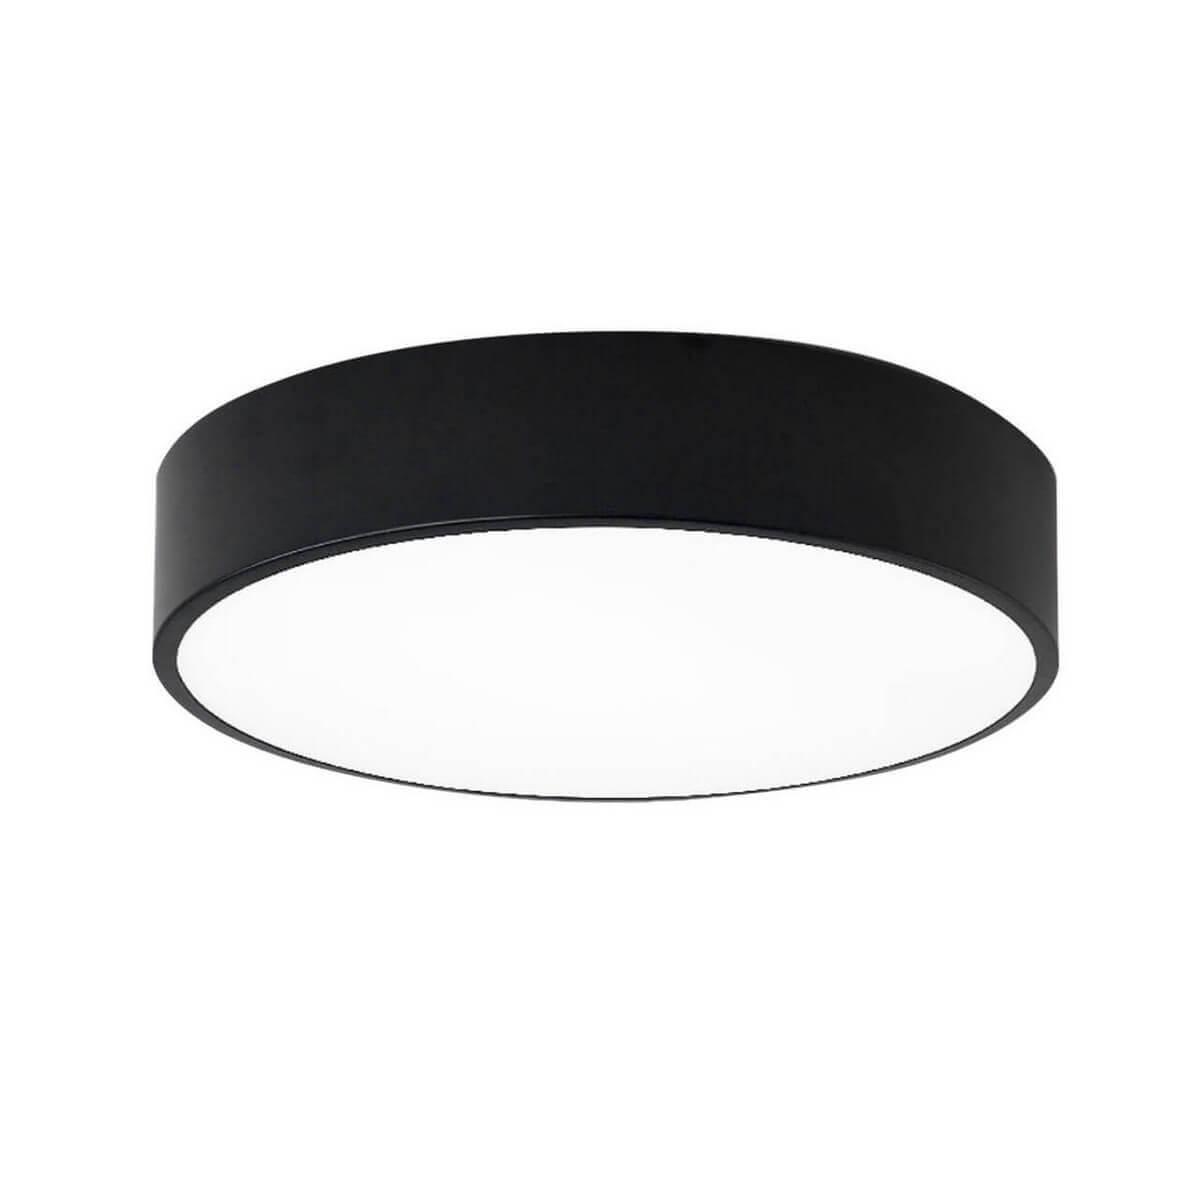 Потолочный светодиодный светильник Kink Light Медина 05460,19 потолочный светодиодный светильник kink light медина 05430 01